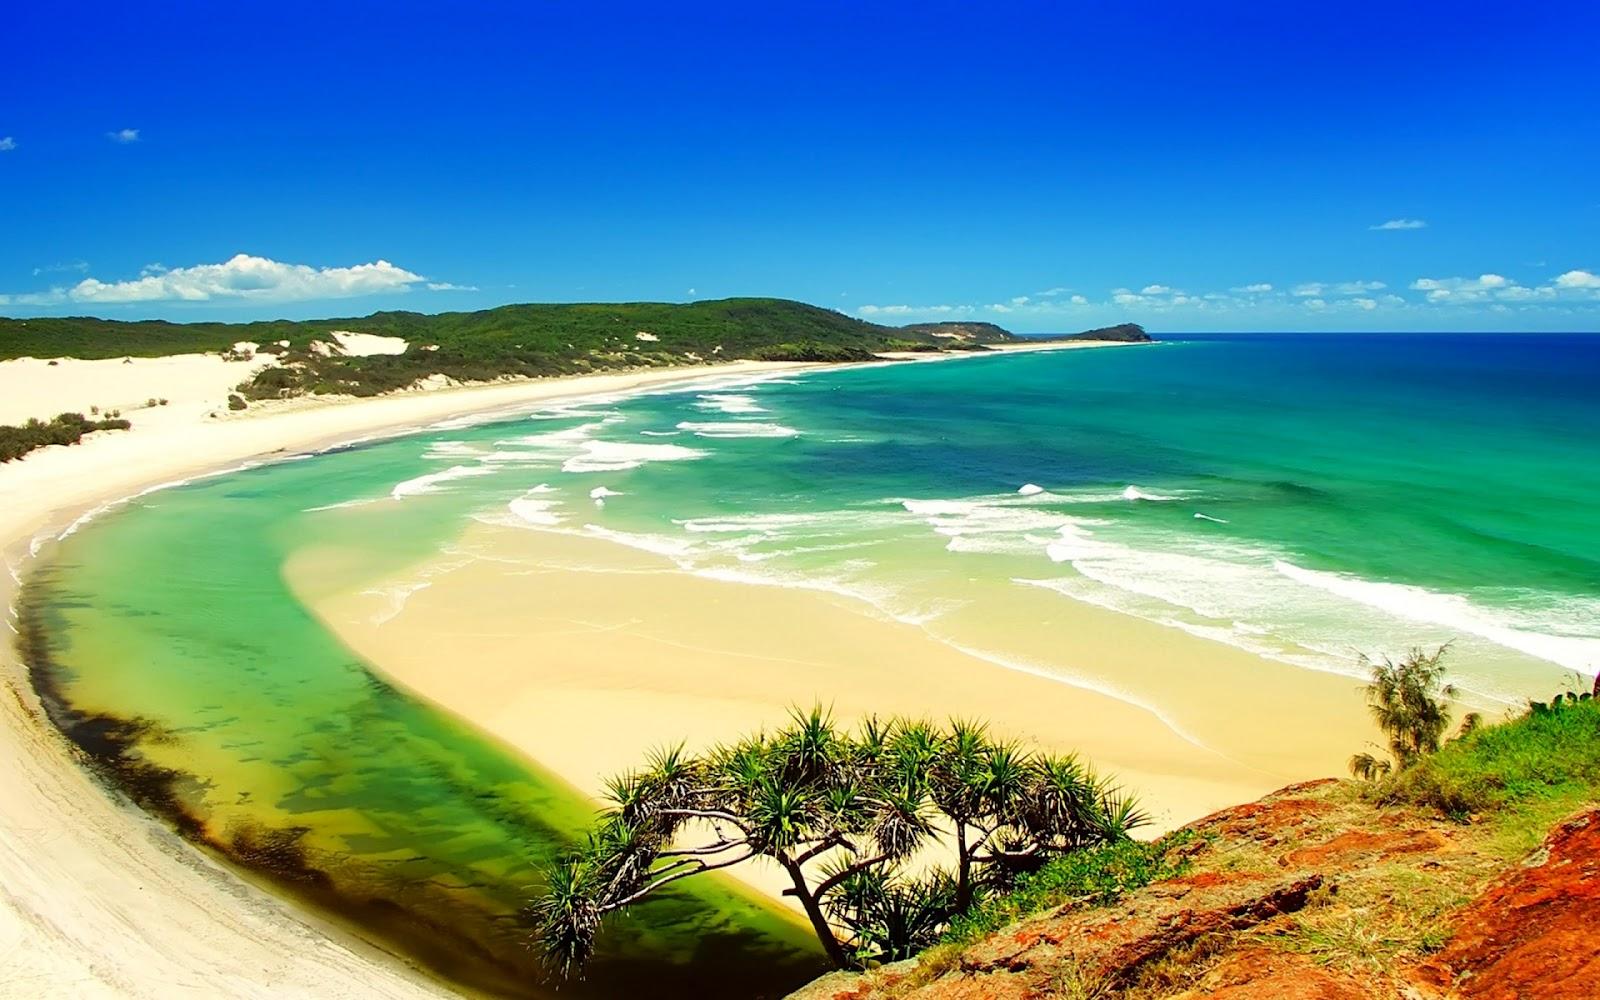 http://1.bp.blogspot.com/-bV82jjHZPeE/UHRYK1osrRI/AAAAAAAABz8/yD0RnlFyIqE/s1600/Indian+amazing+landscape+beach+wallpaper+(1920+x+1200).jpg